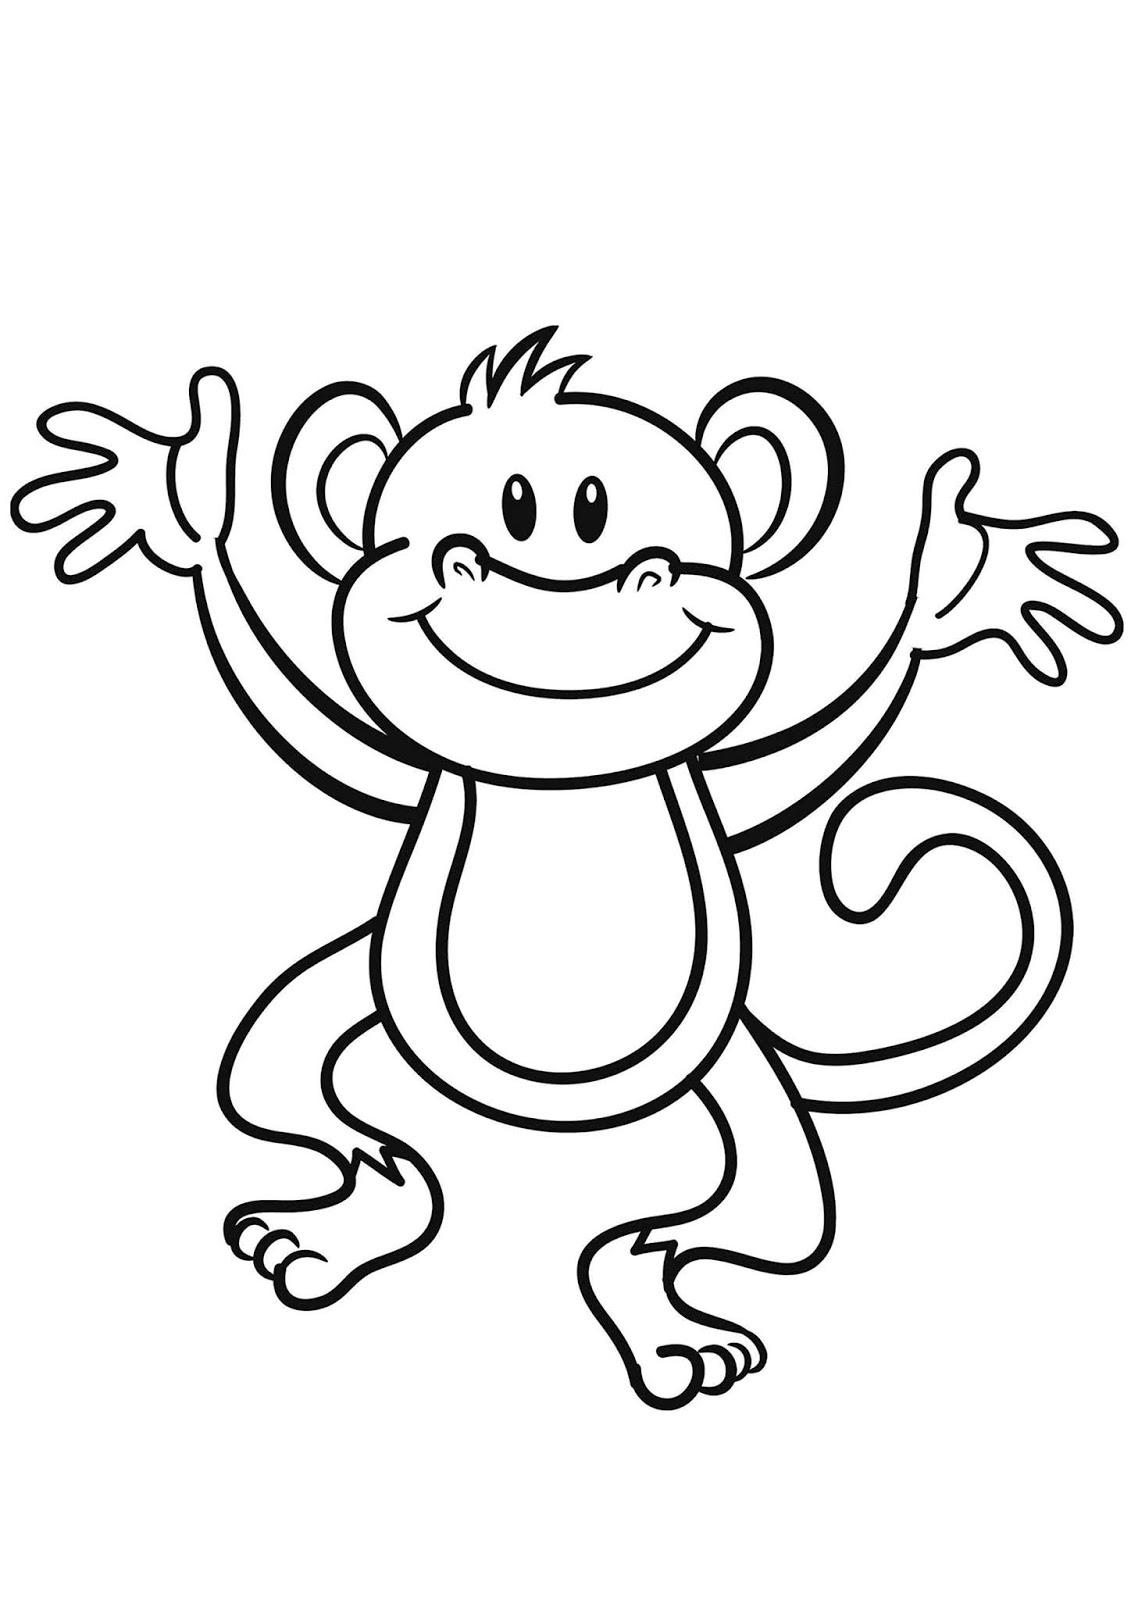 Tranh tô màu con khỉ giơ tay